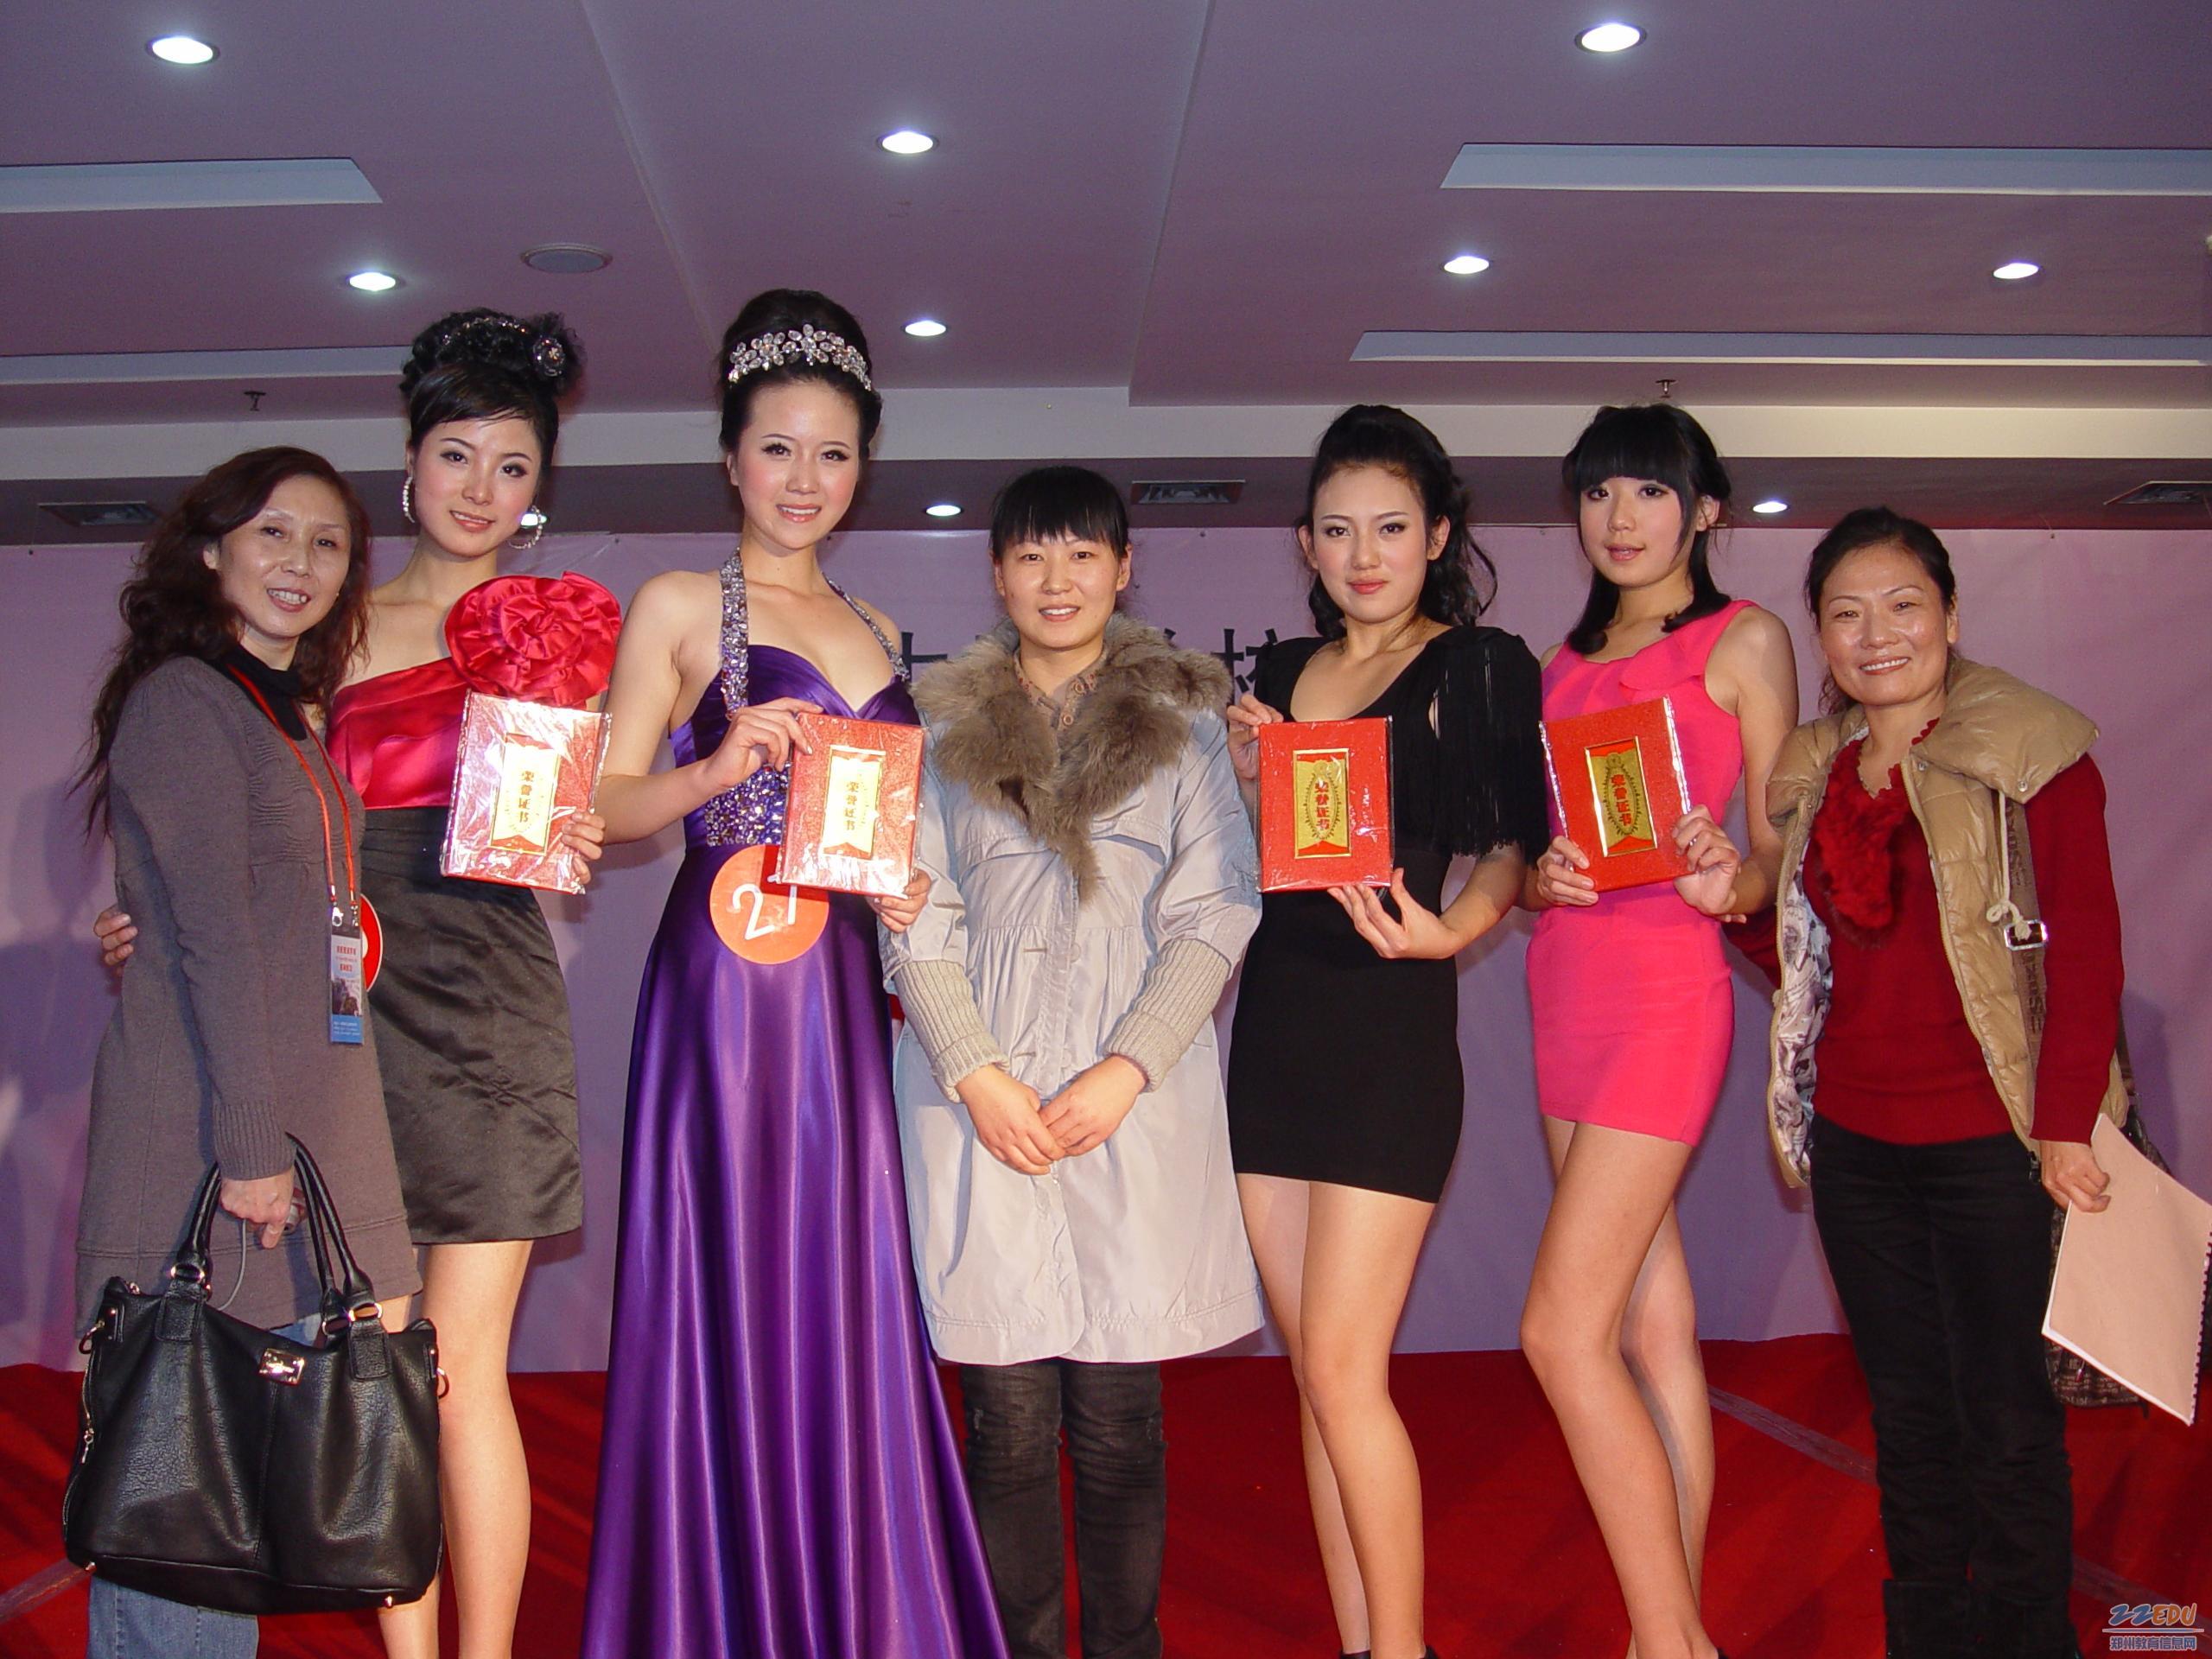 艺术 郑州/艺术工程学校参赛选手荣获平面模特一等奖、服装模特一等奖。...